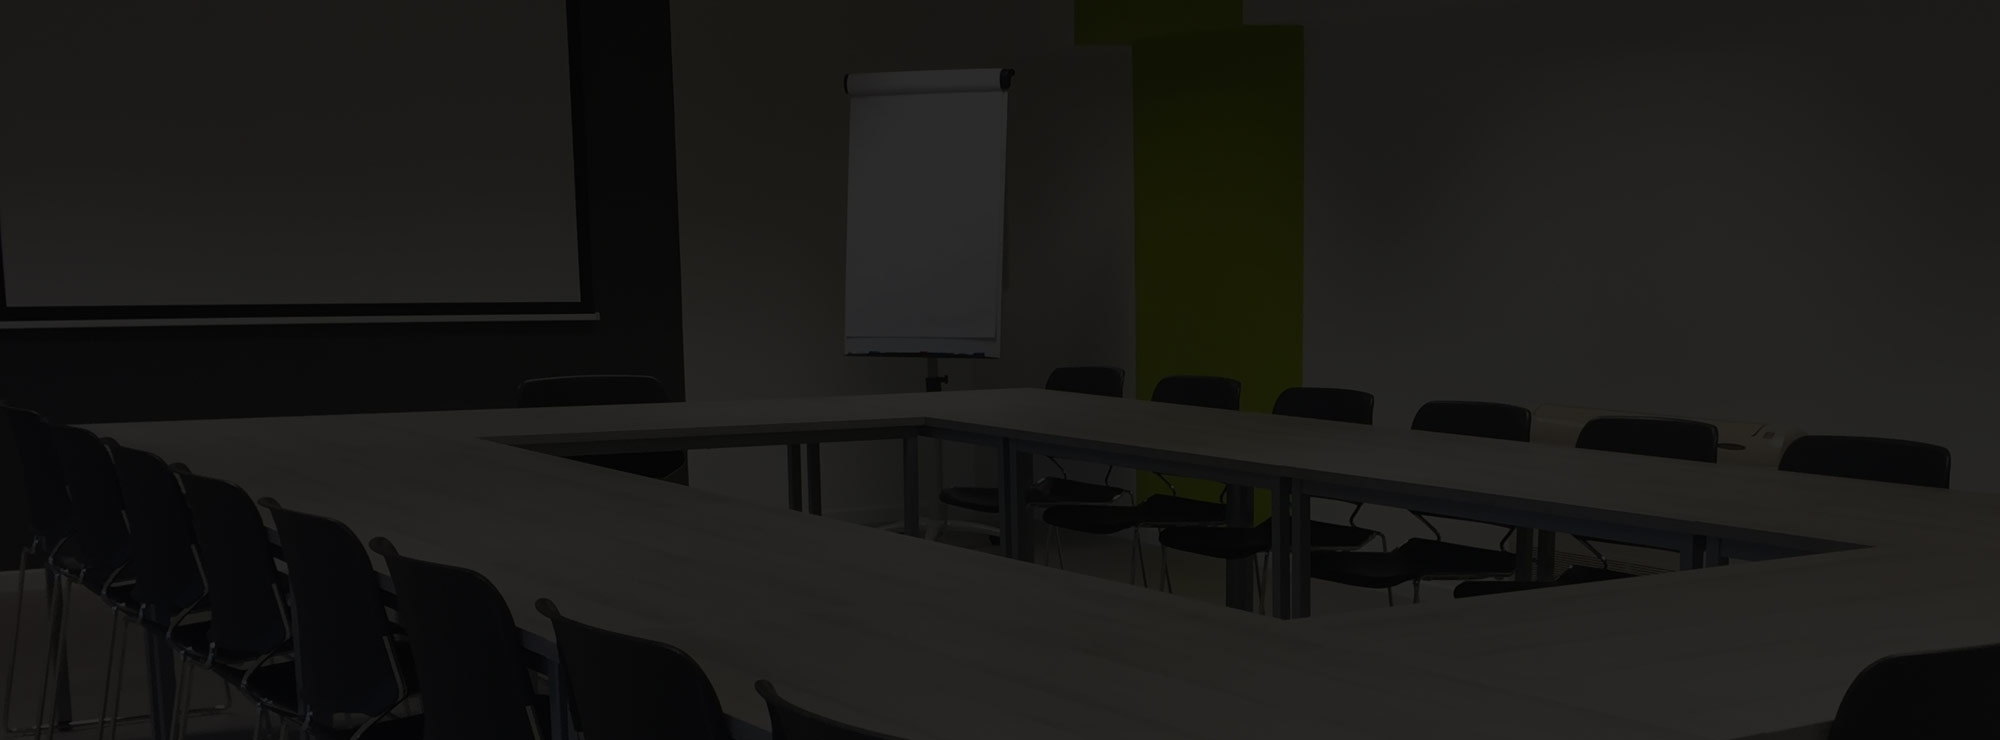 Salas de formación en Vitoria-Gasteiz